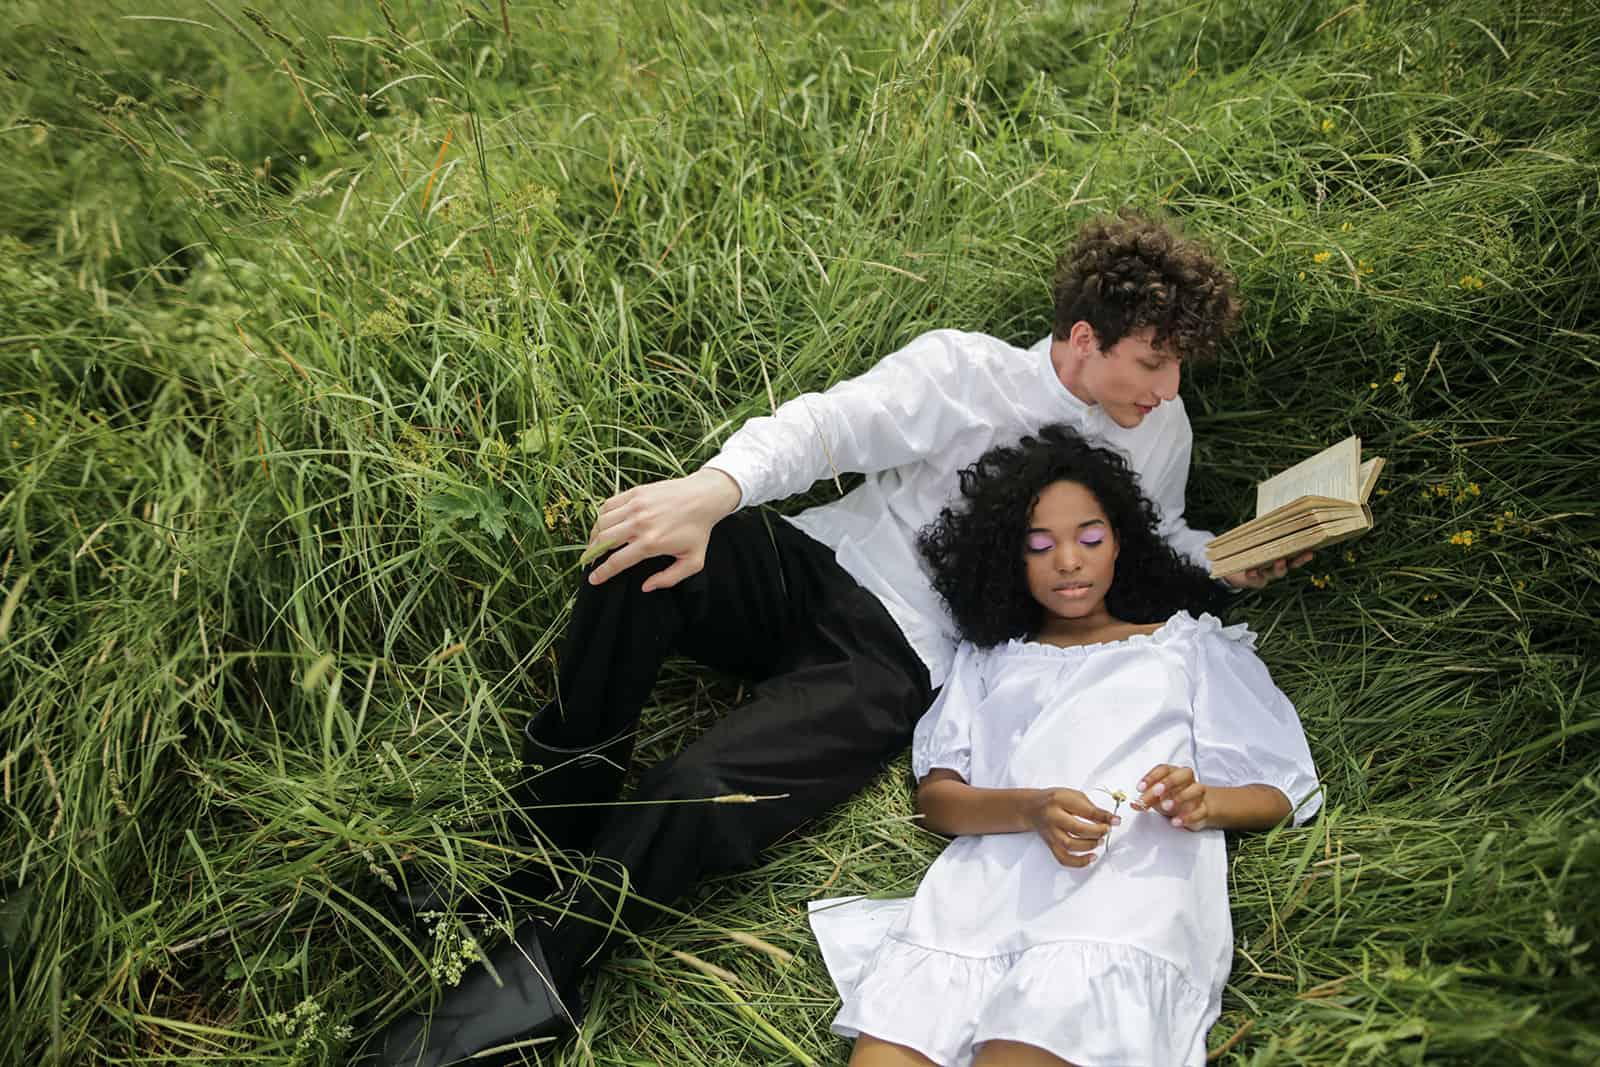 Ein Mann liest einer Frau ein Liebesgedicht vor, während er zusammen in einem grünen Gras liegt